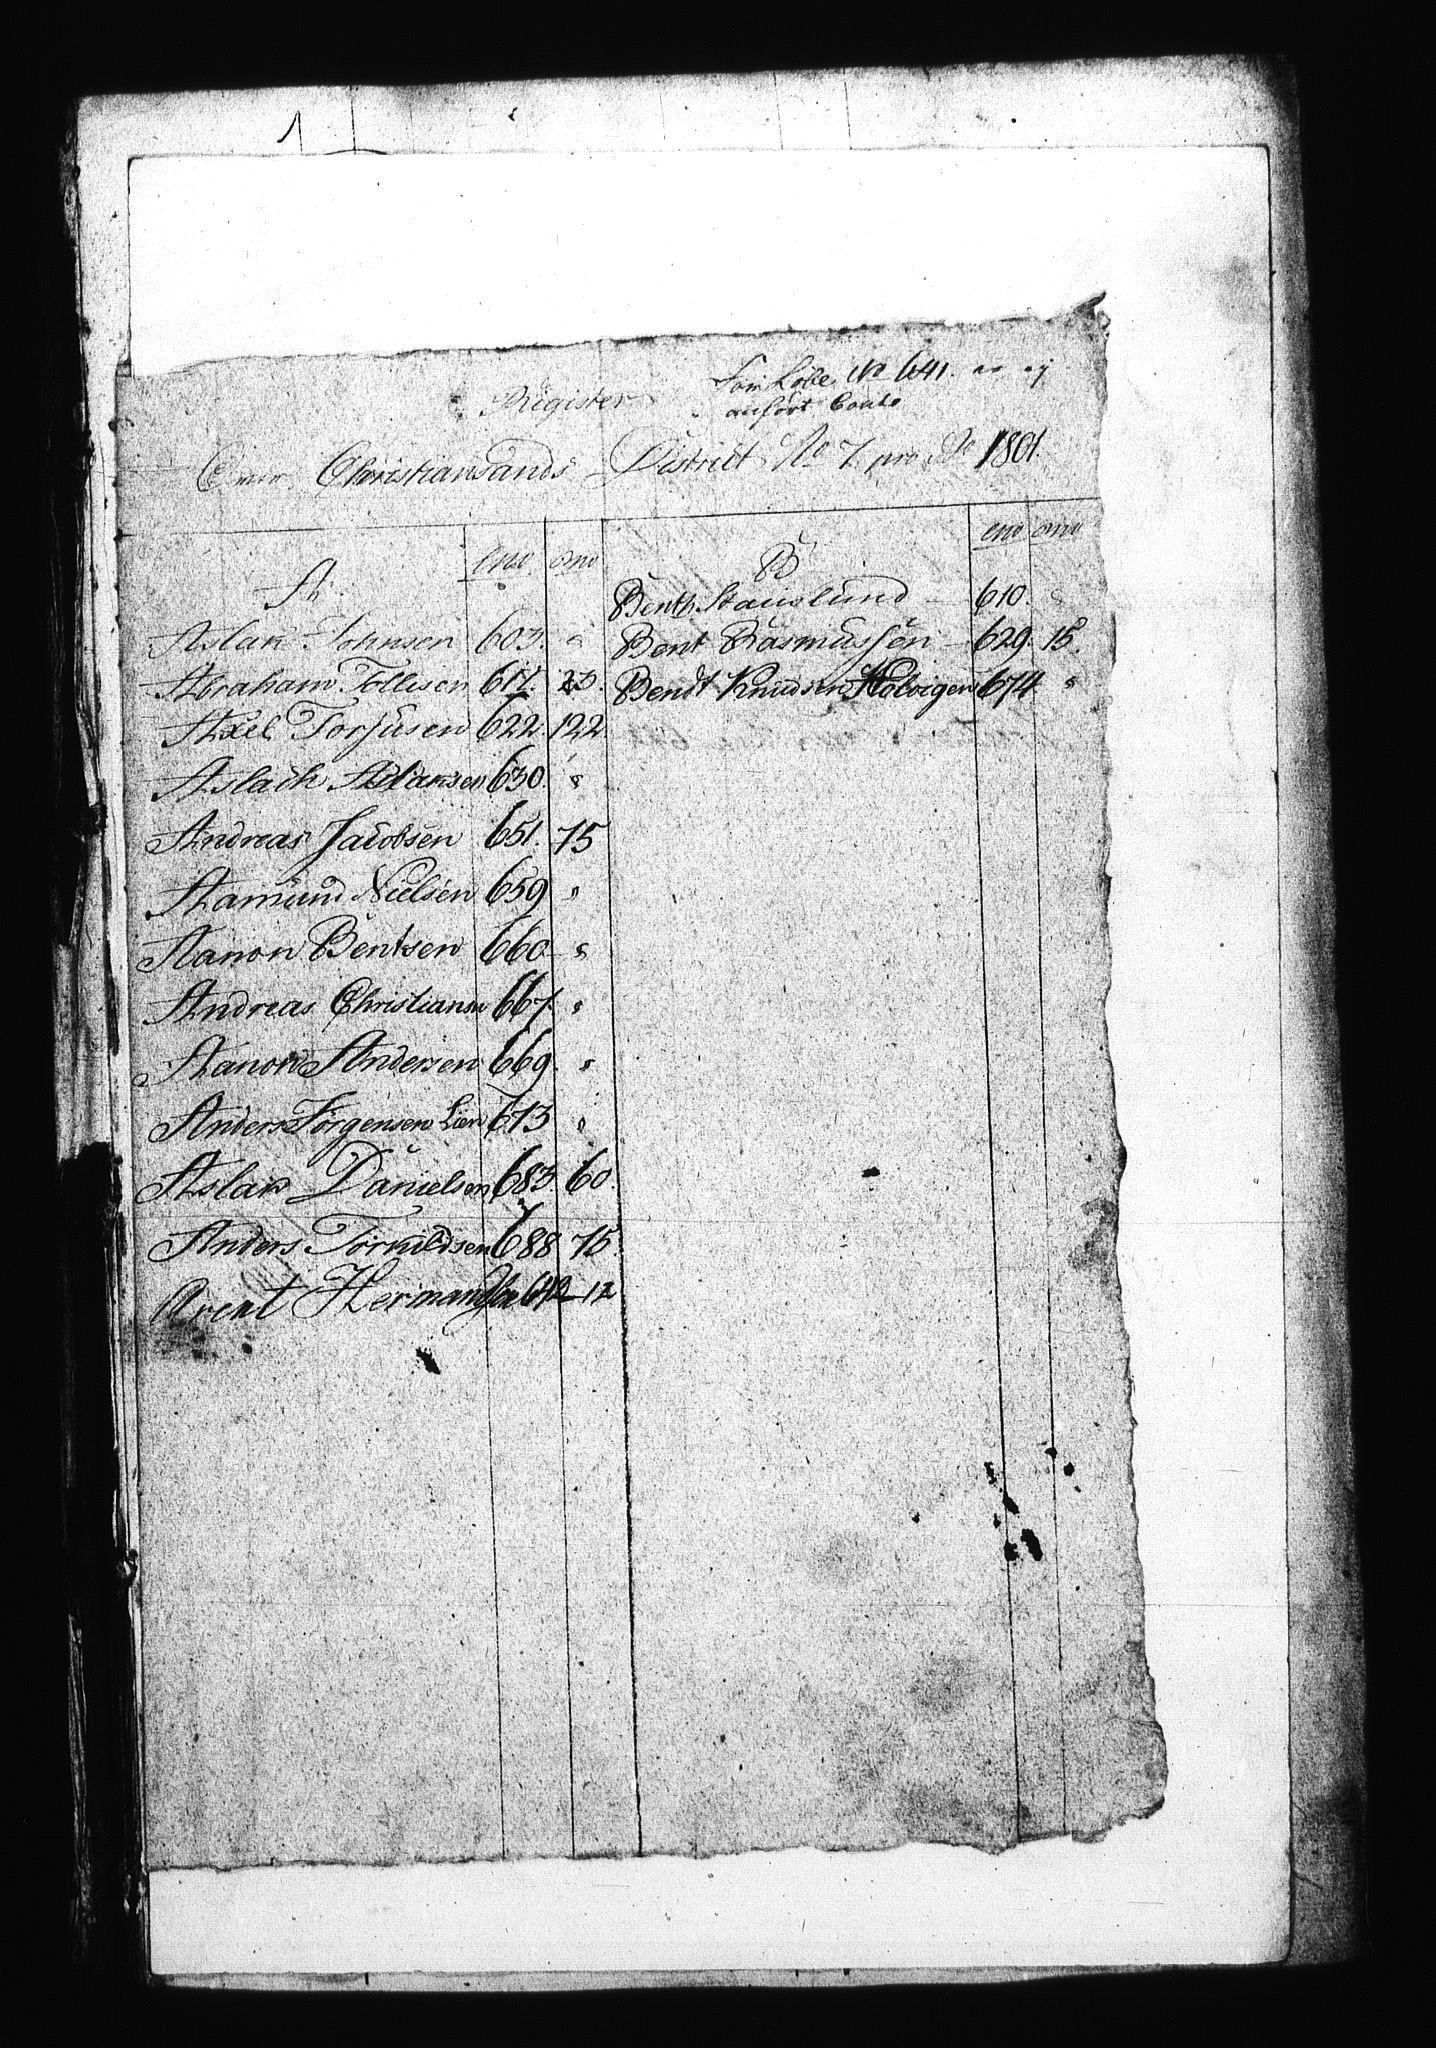 RA, Sjøetaten, F/L0048: Kristiansand distrikt, bind 7, 1801